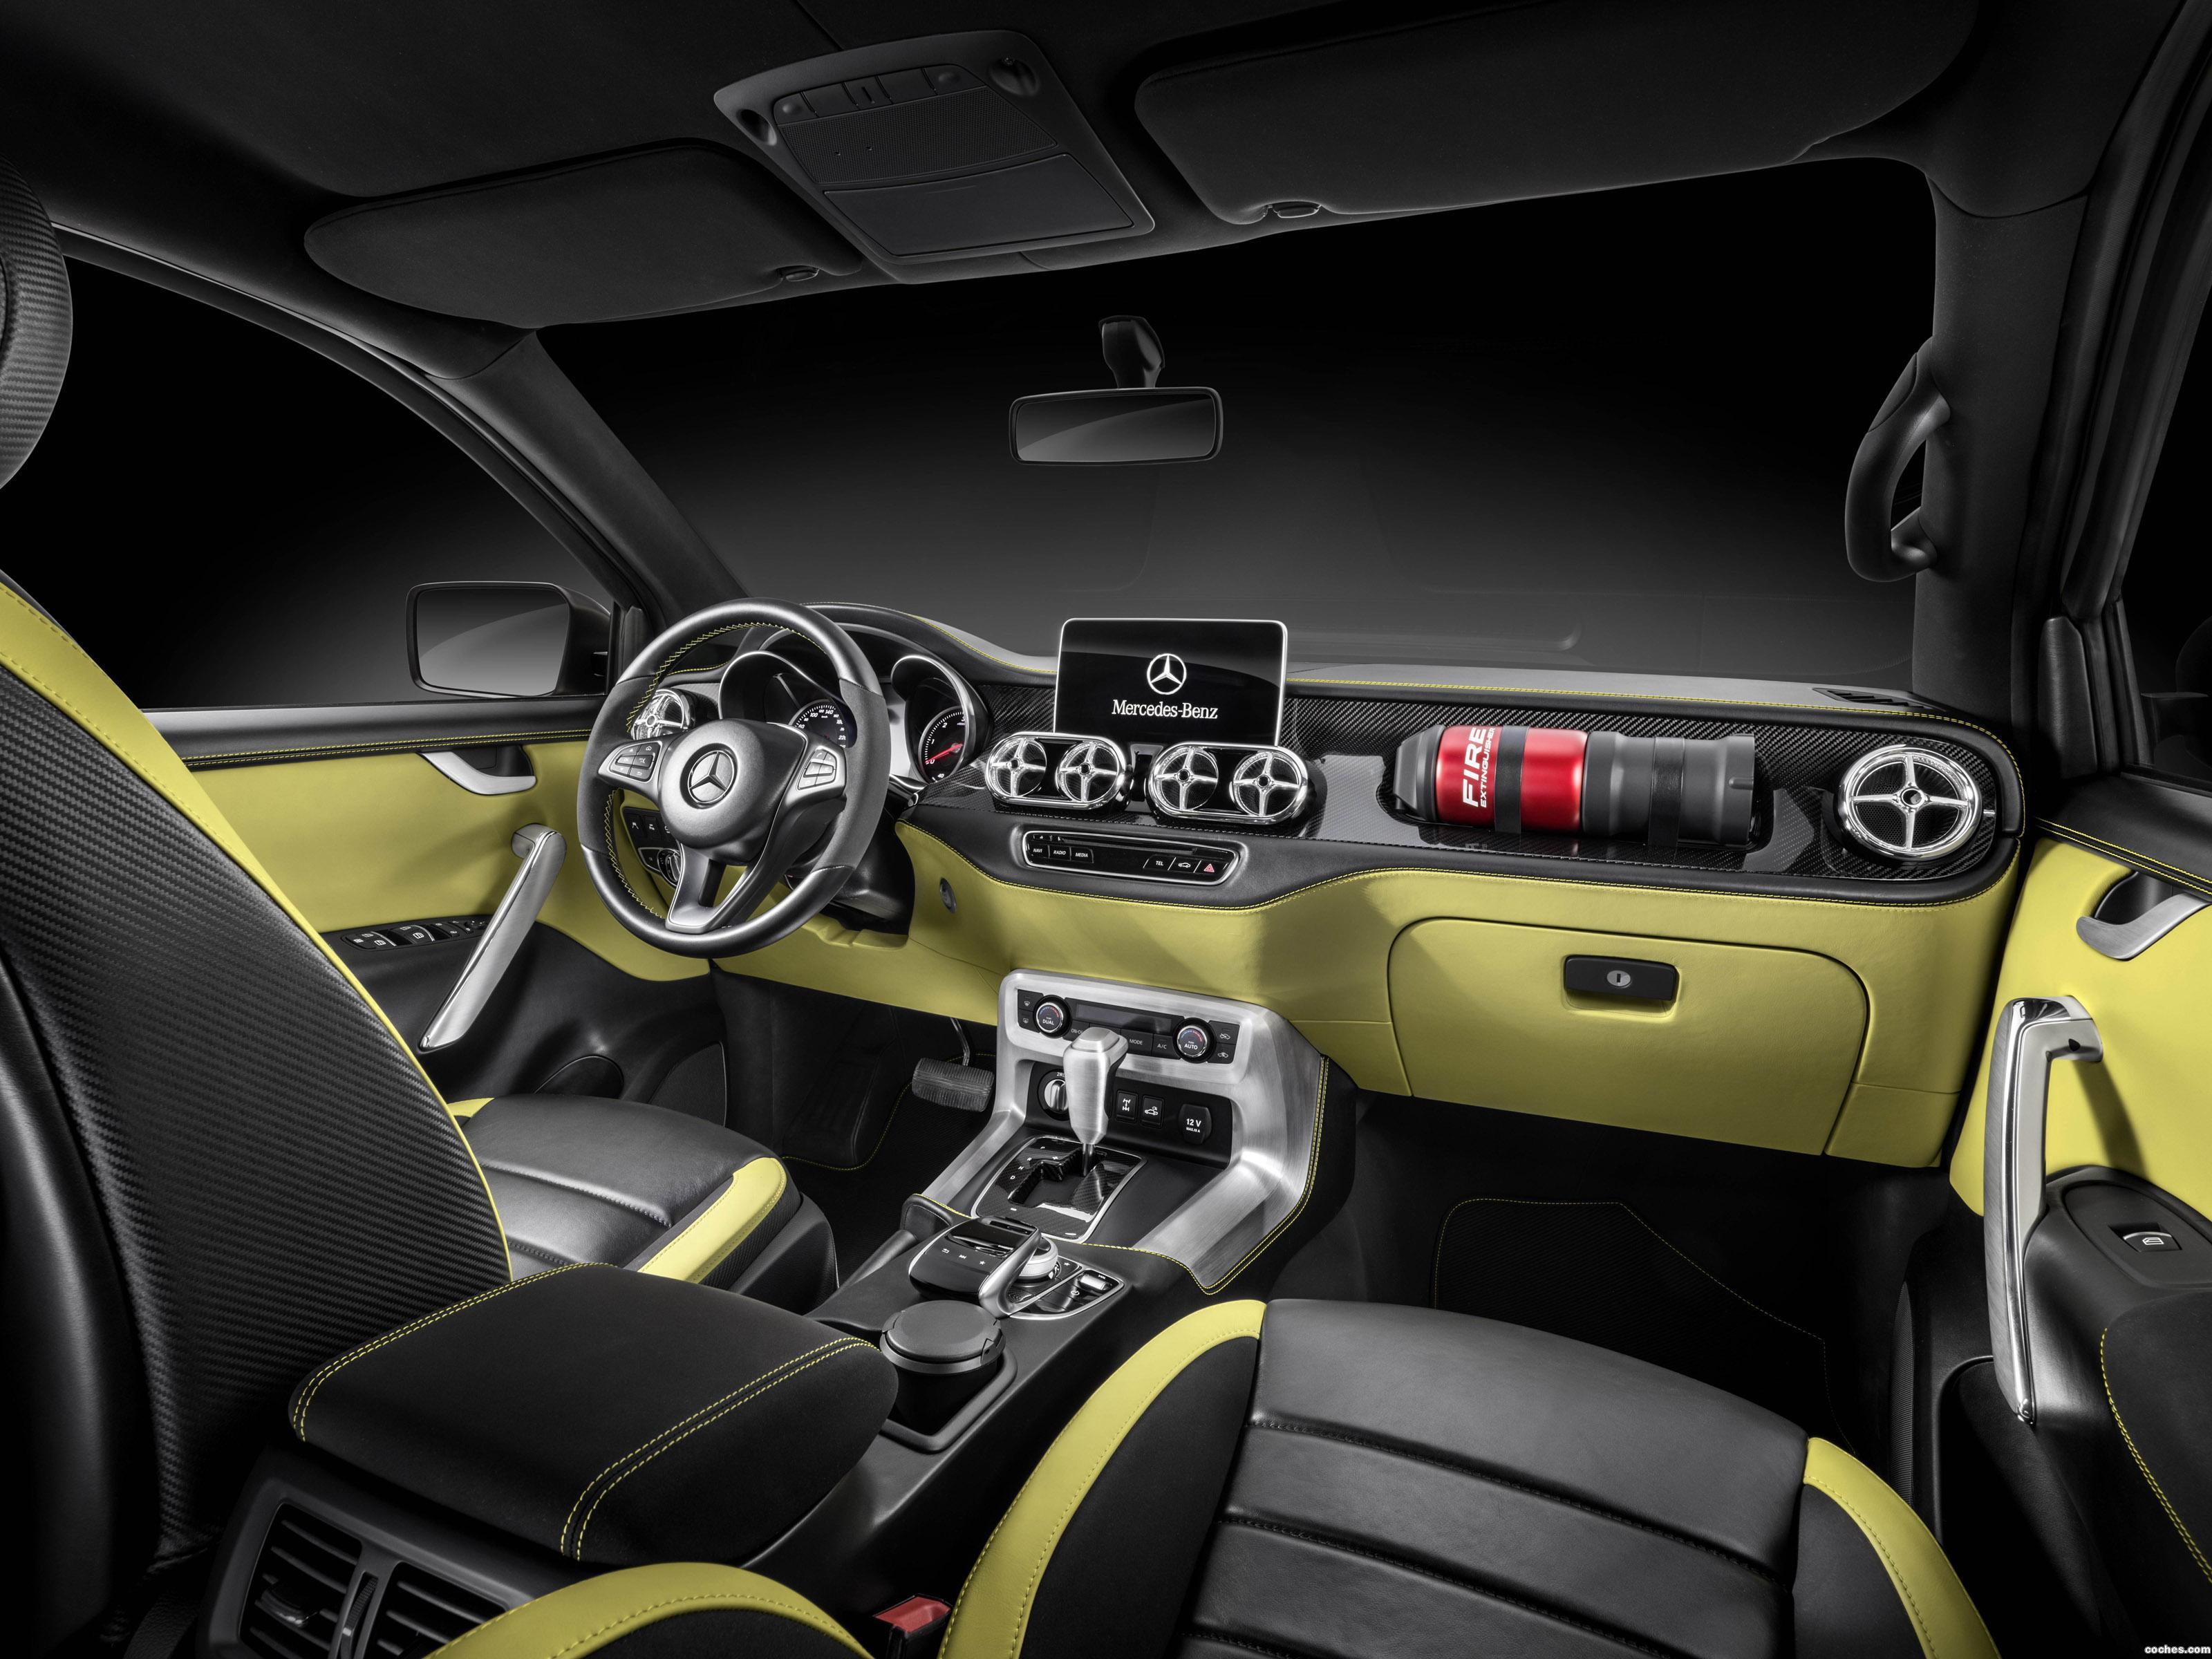 Foto 6 de Mercedes Concept Clase X Powerful Adventurer 2016